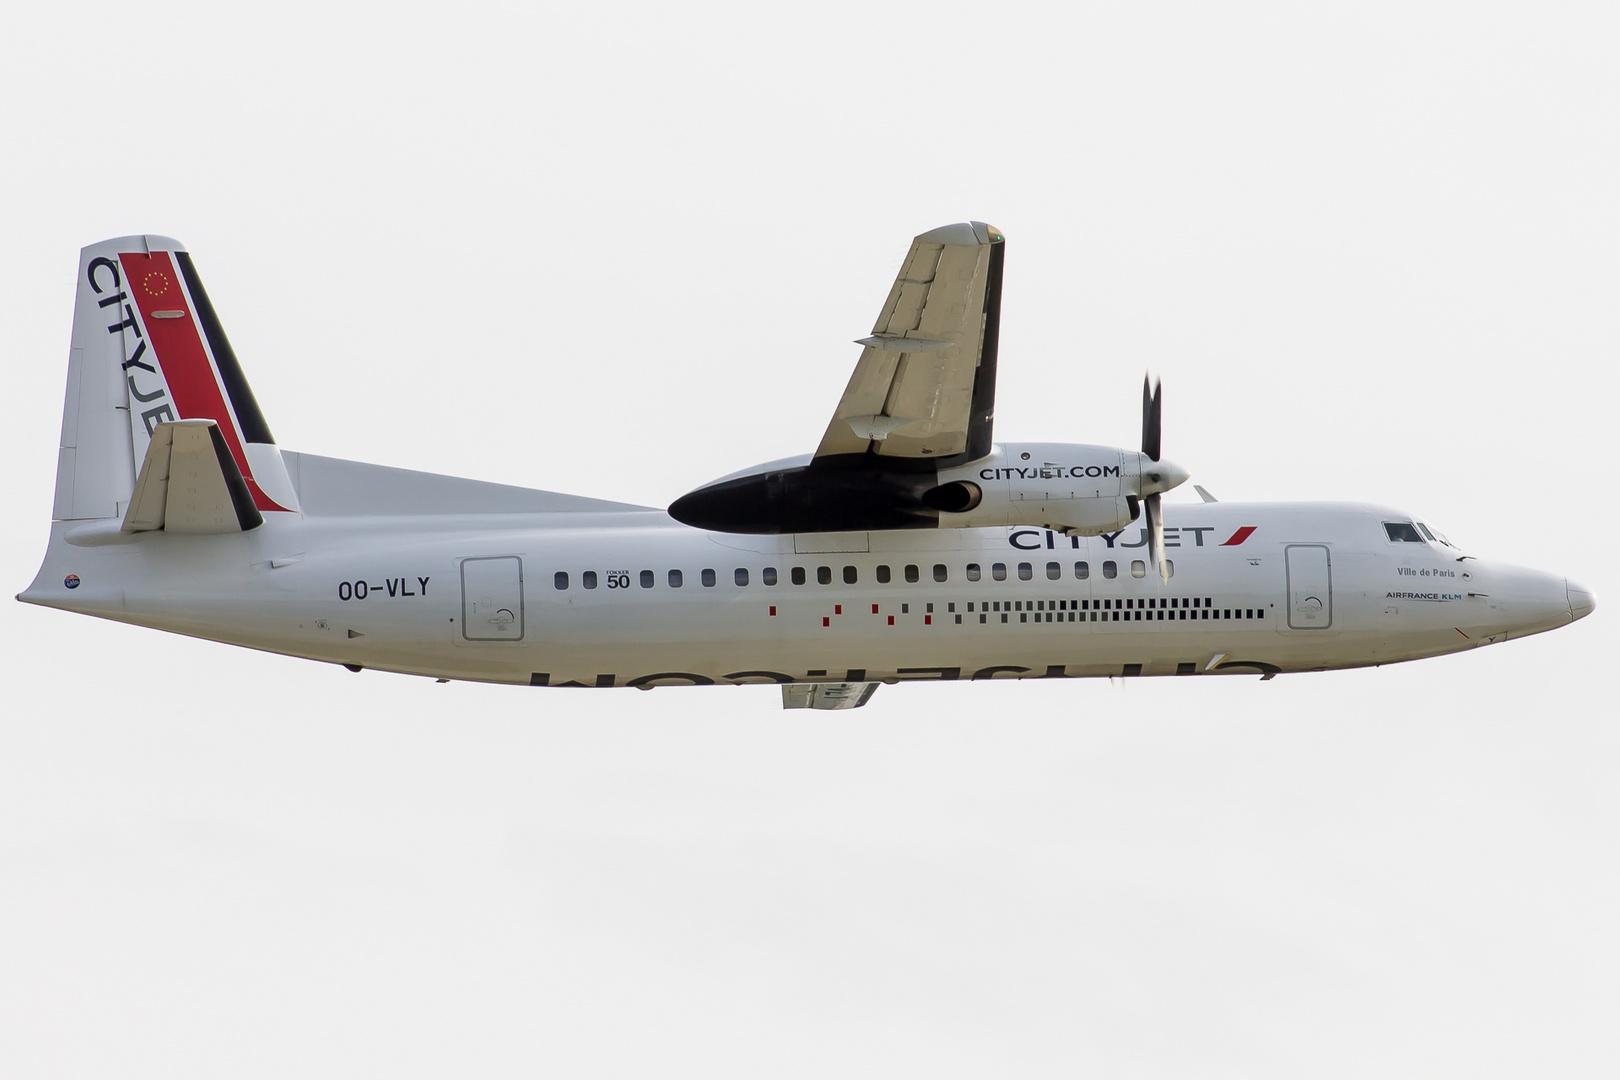 Fokker 50 Cityjet